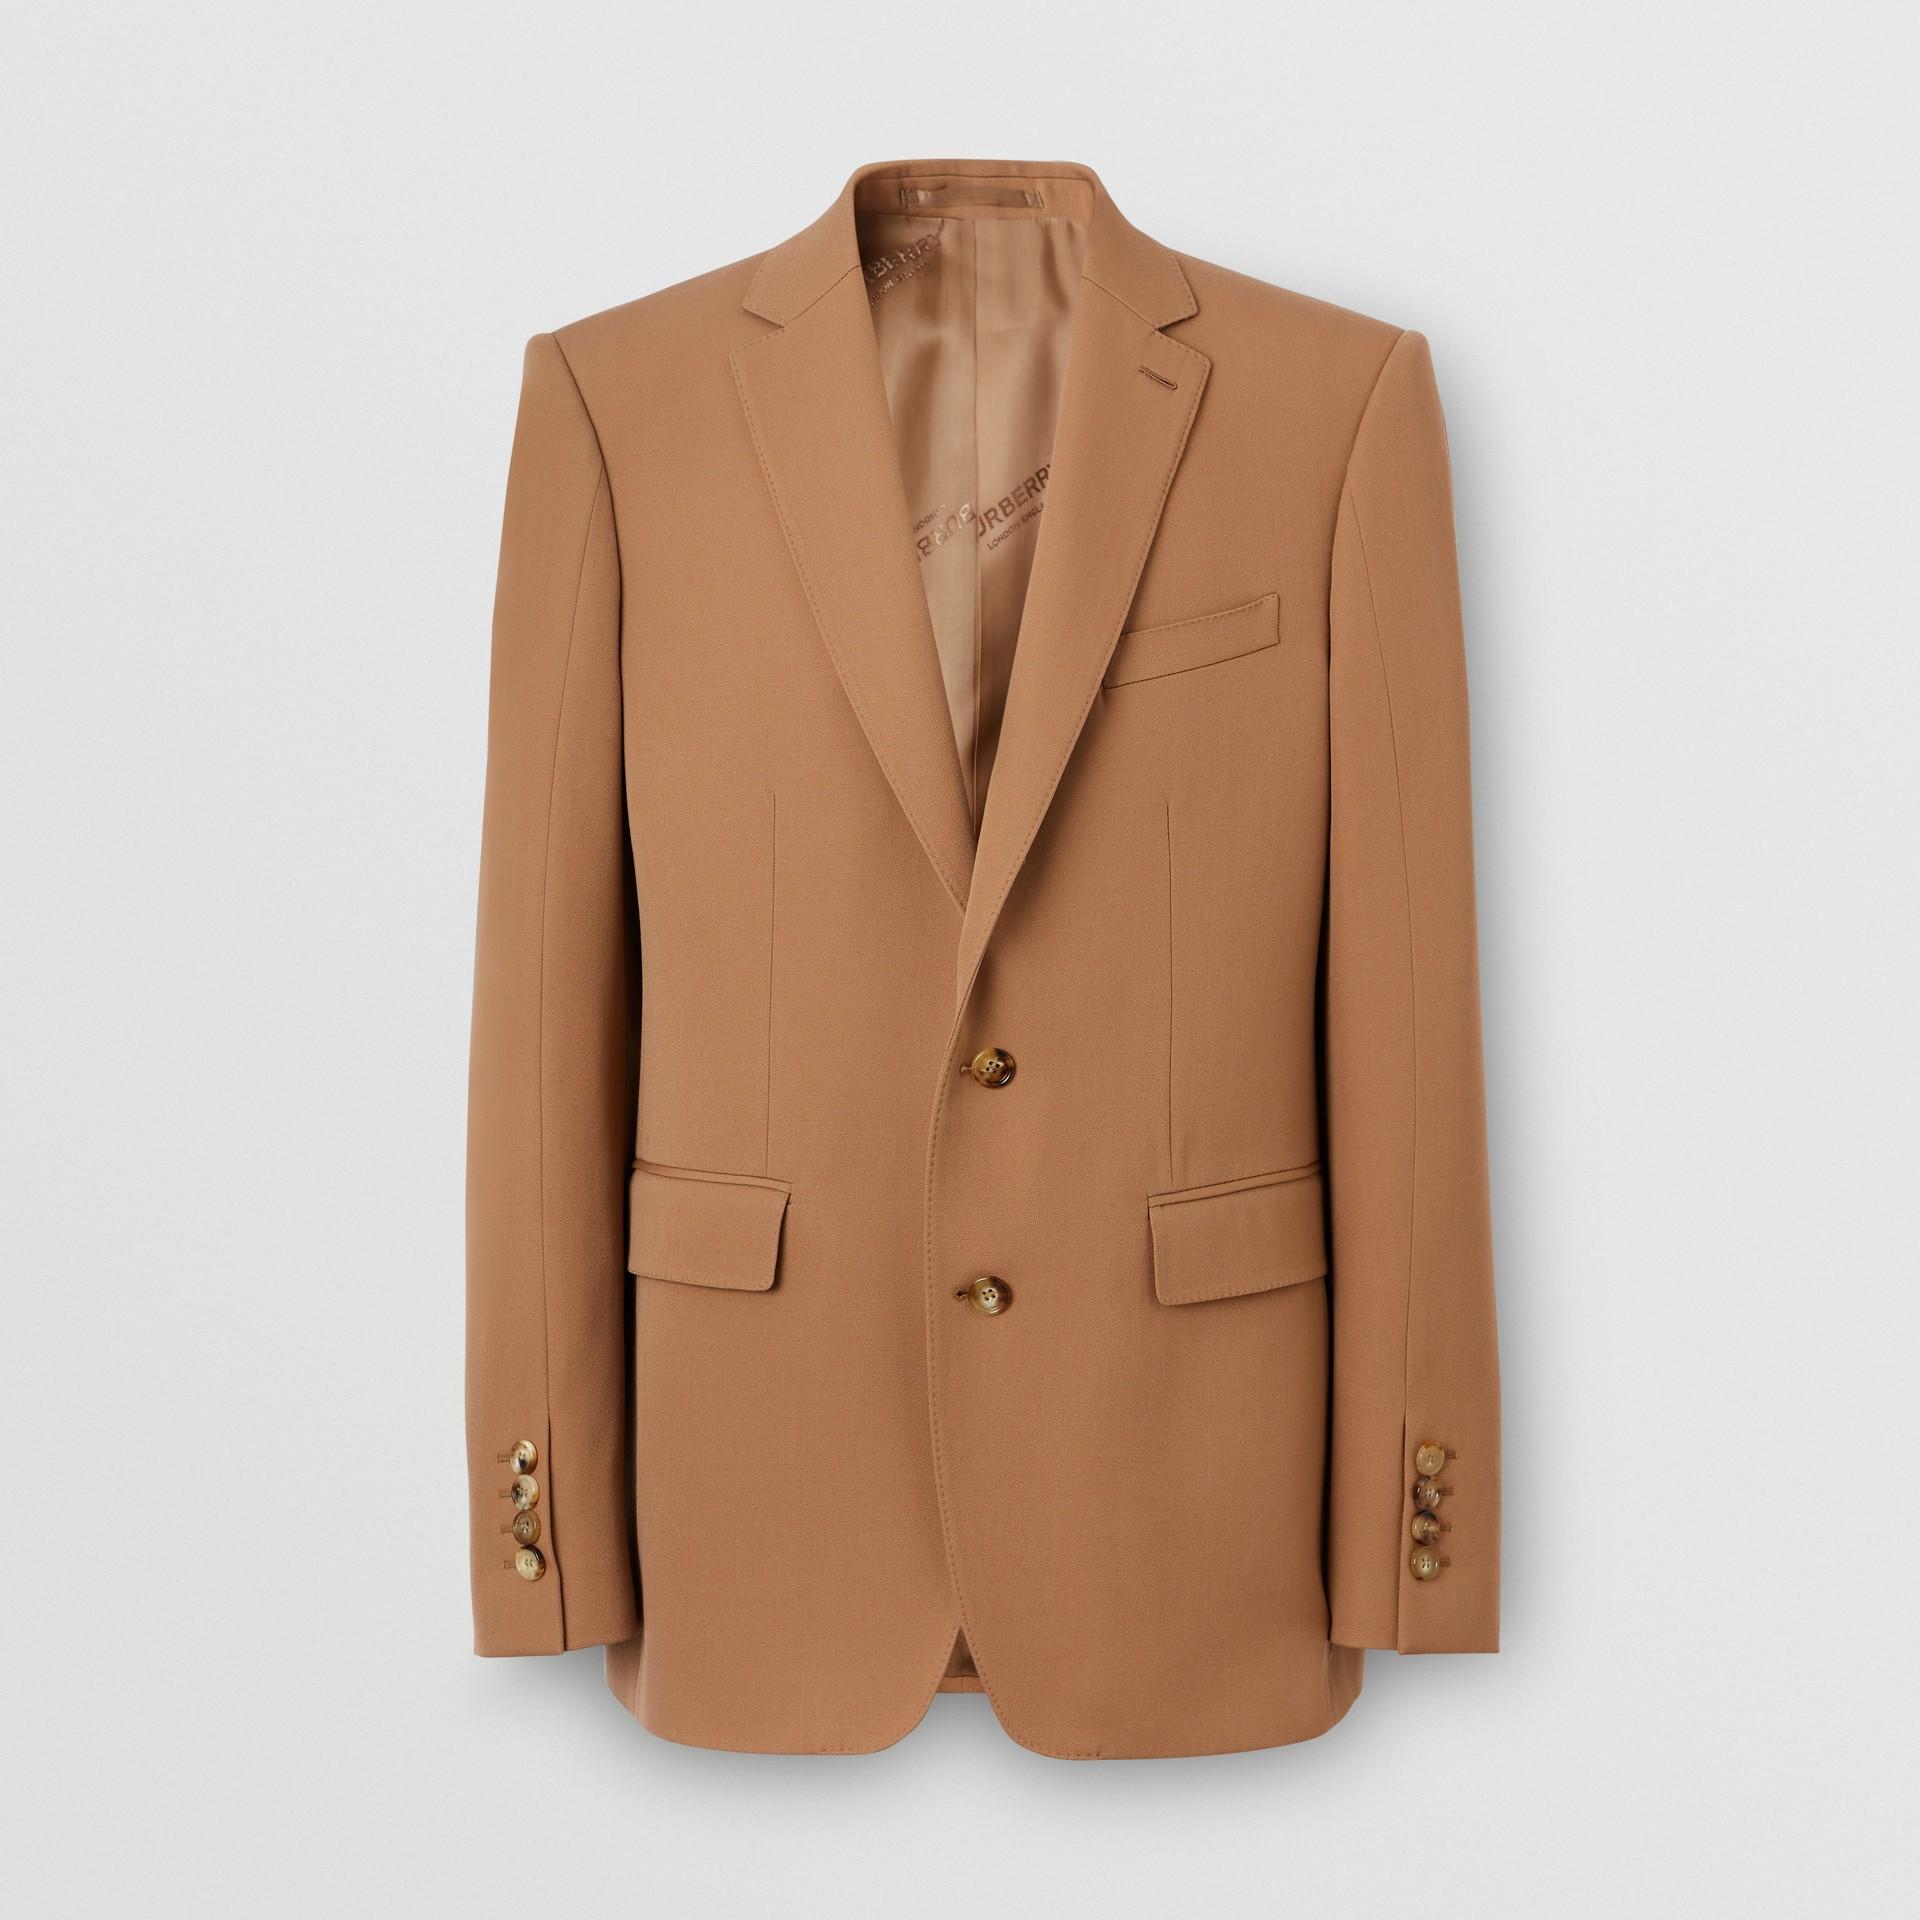 Manteau en poil de chameau avec veste amovible en laine (Camel Intense) - Homme | Burberry Canada - photo de la galerie 3